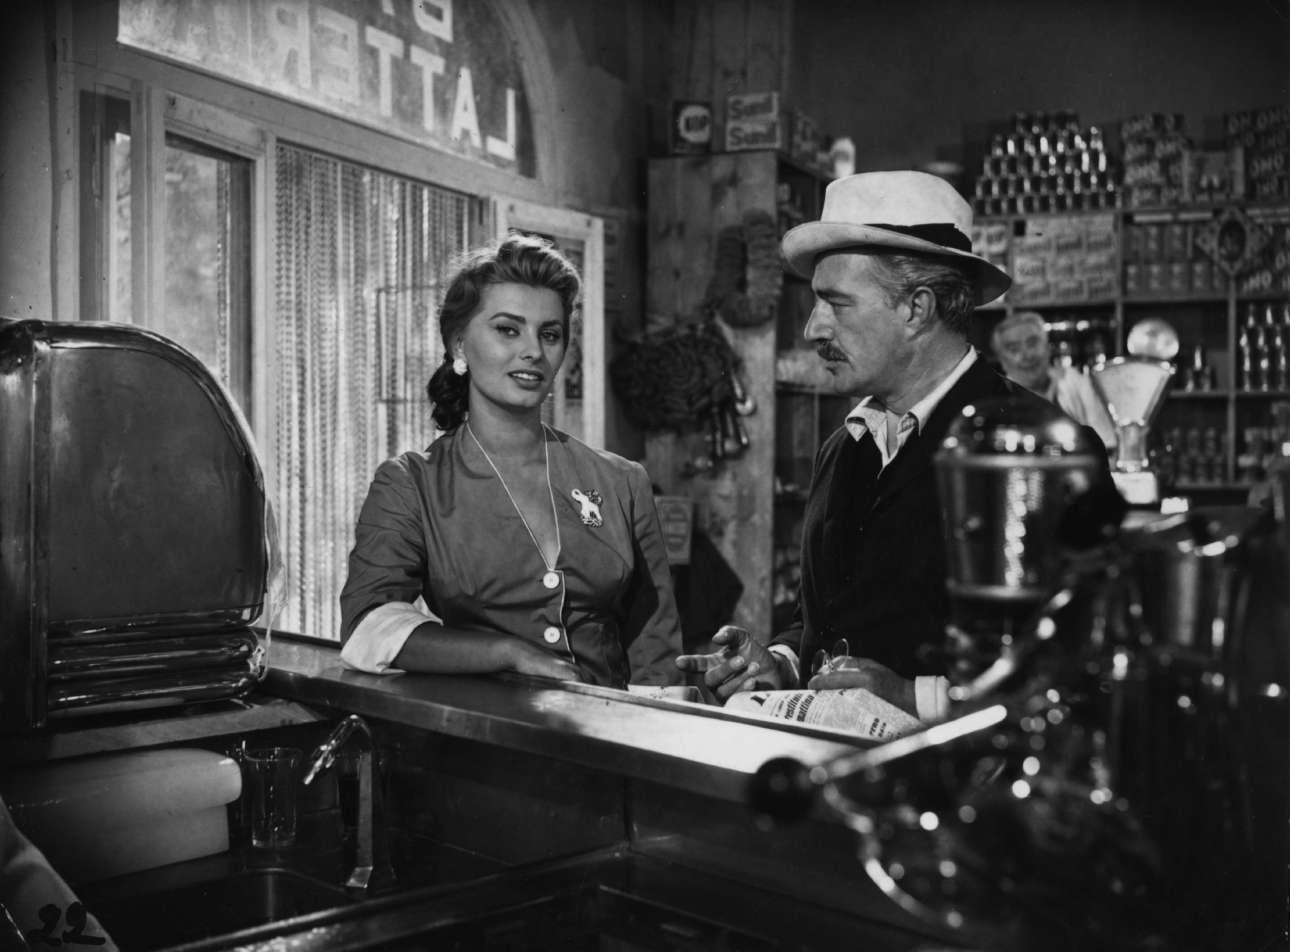 Δεκαετία του 1950, η πρώτη νιότη. Η Σοφία Λόρεν στο μπαρ, με τον Βιτόριο ντε Σίκα